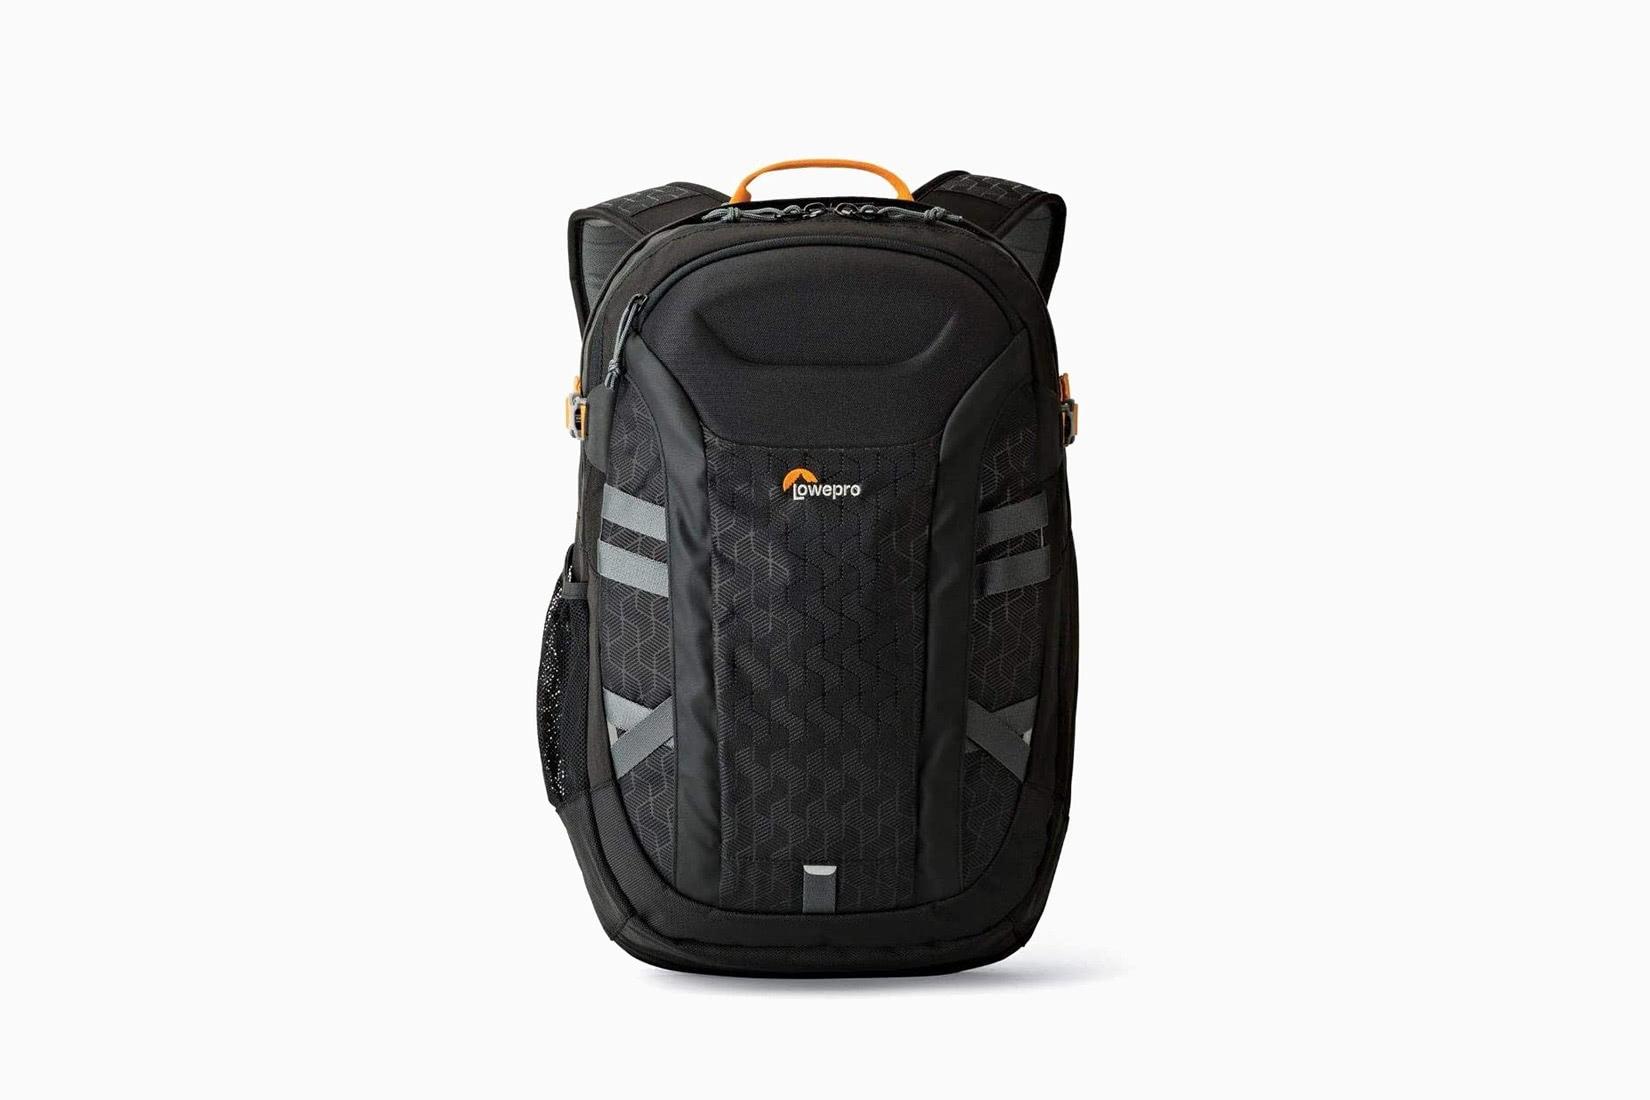 best camera backpacks lowepro ridgeline pro - Luxe Digital